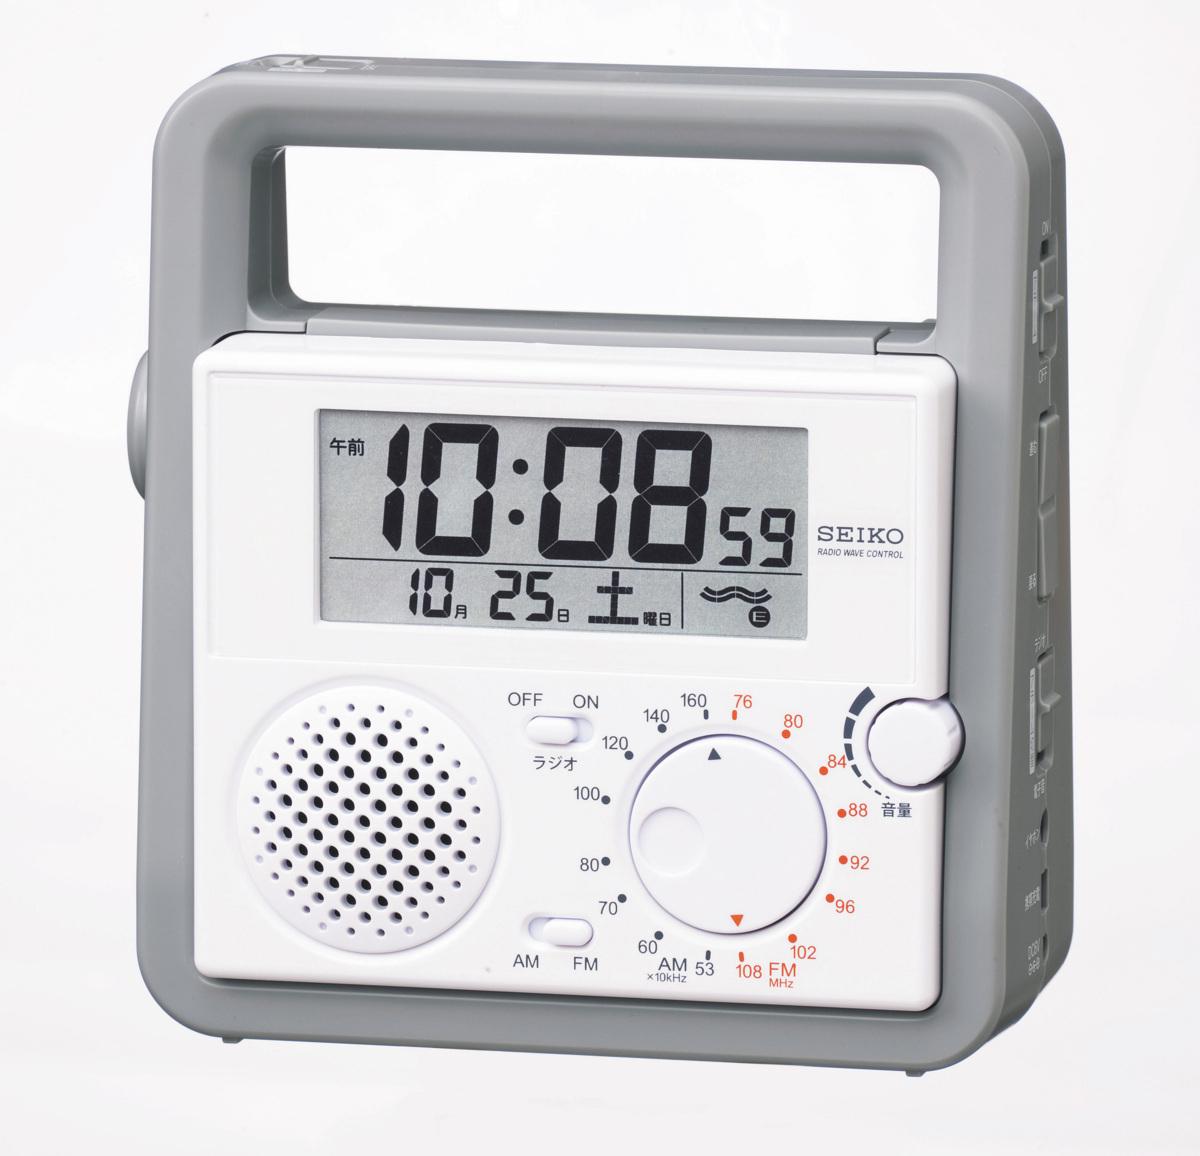 最落1円 訳あり品 セイコー 有ると便利な 電波時計 定価7,000円 SQ692W 防災用 ライト ラジオ付き_画像1